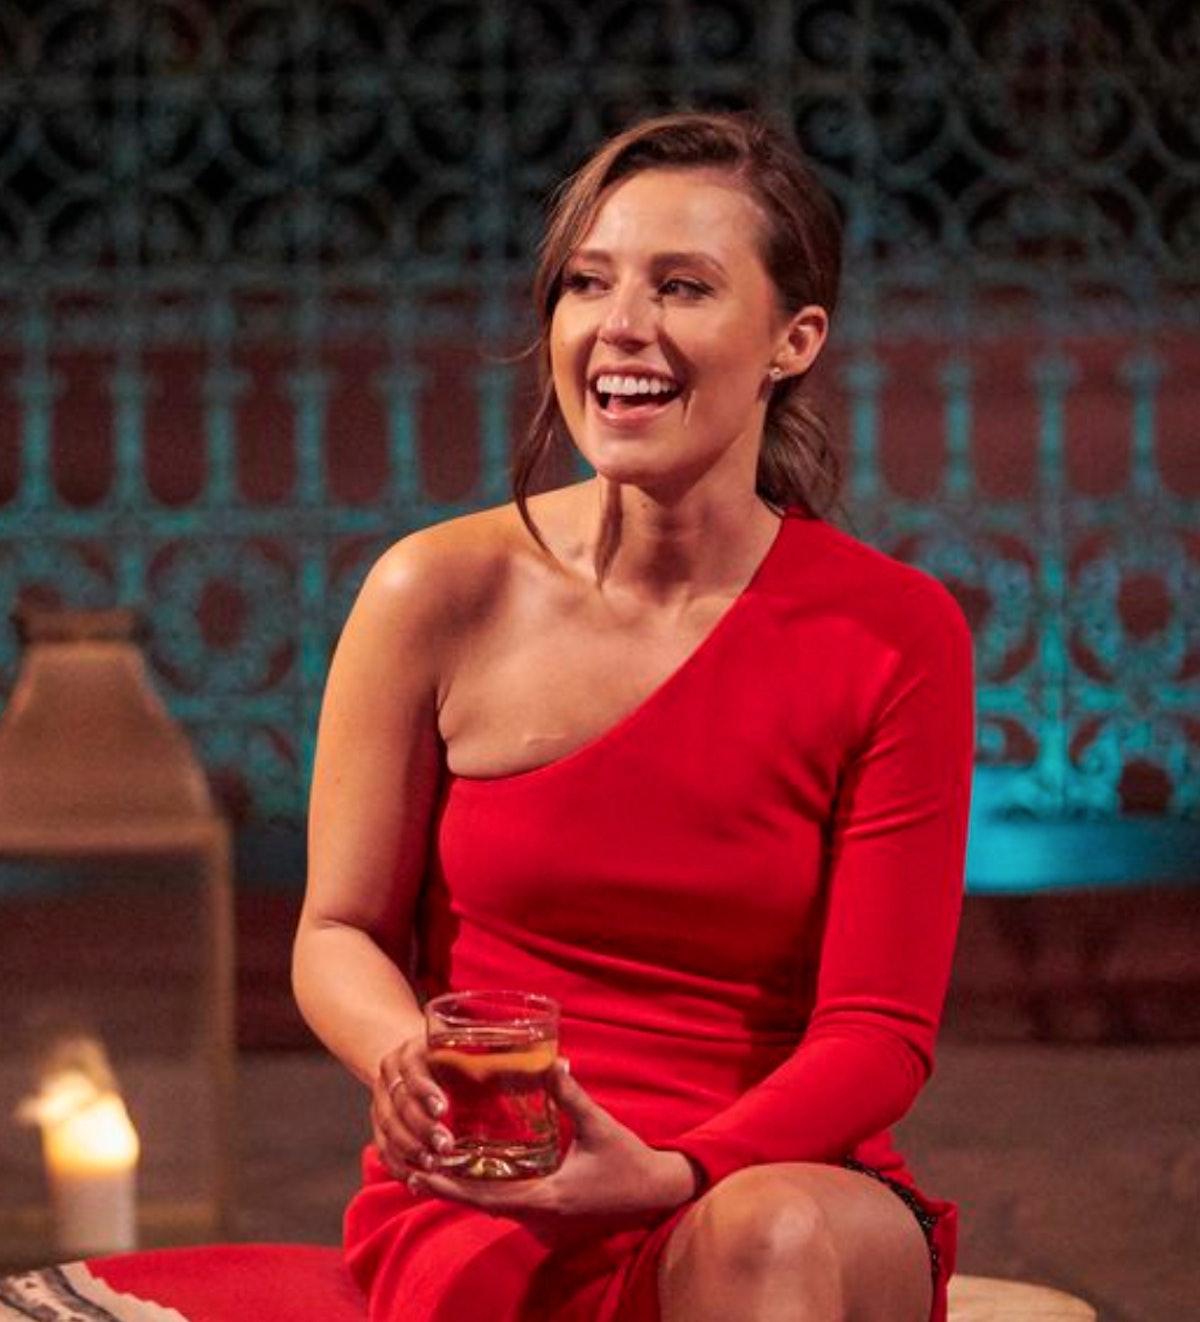 Katie Thurston on Season 17 of 'The Bachelorette' on ABC